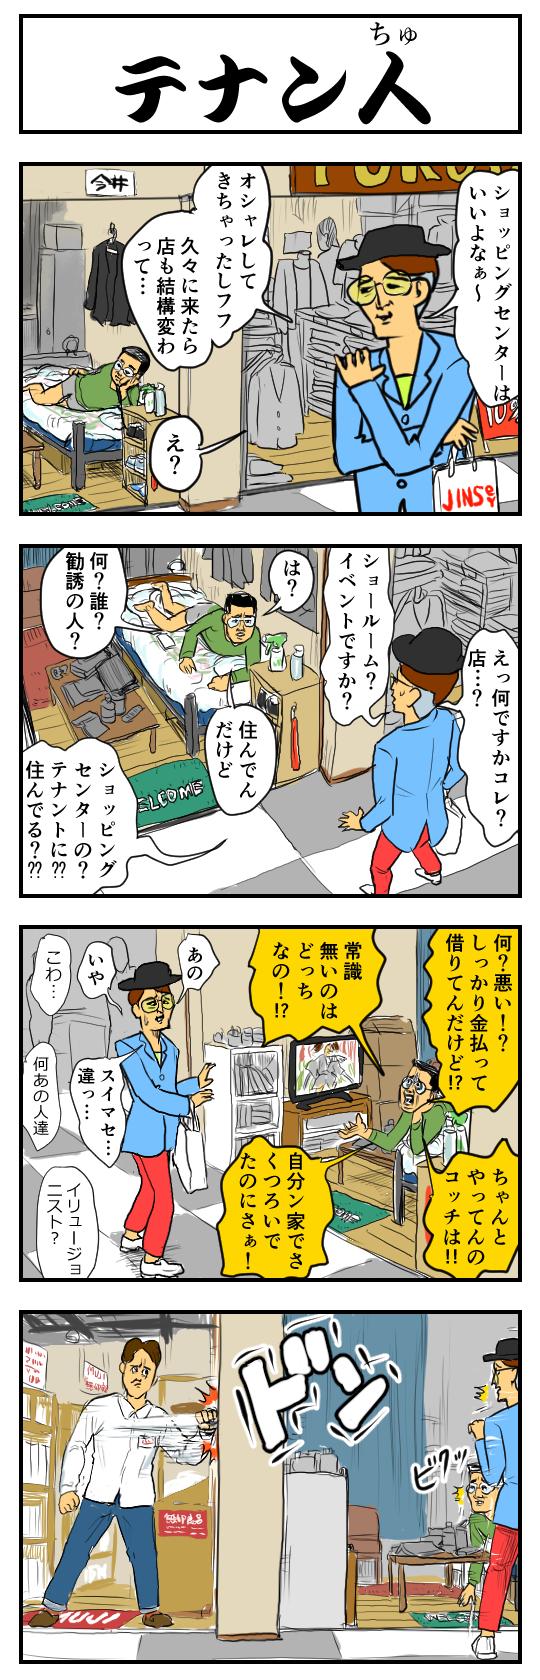 【4コマ漫画】テナン人